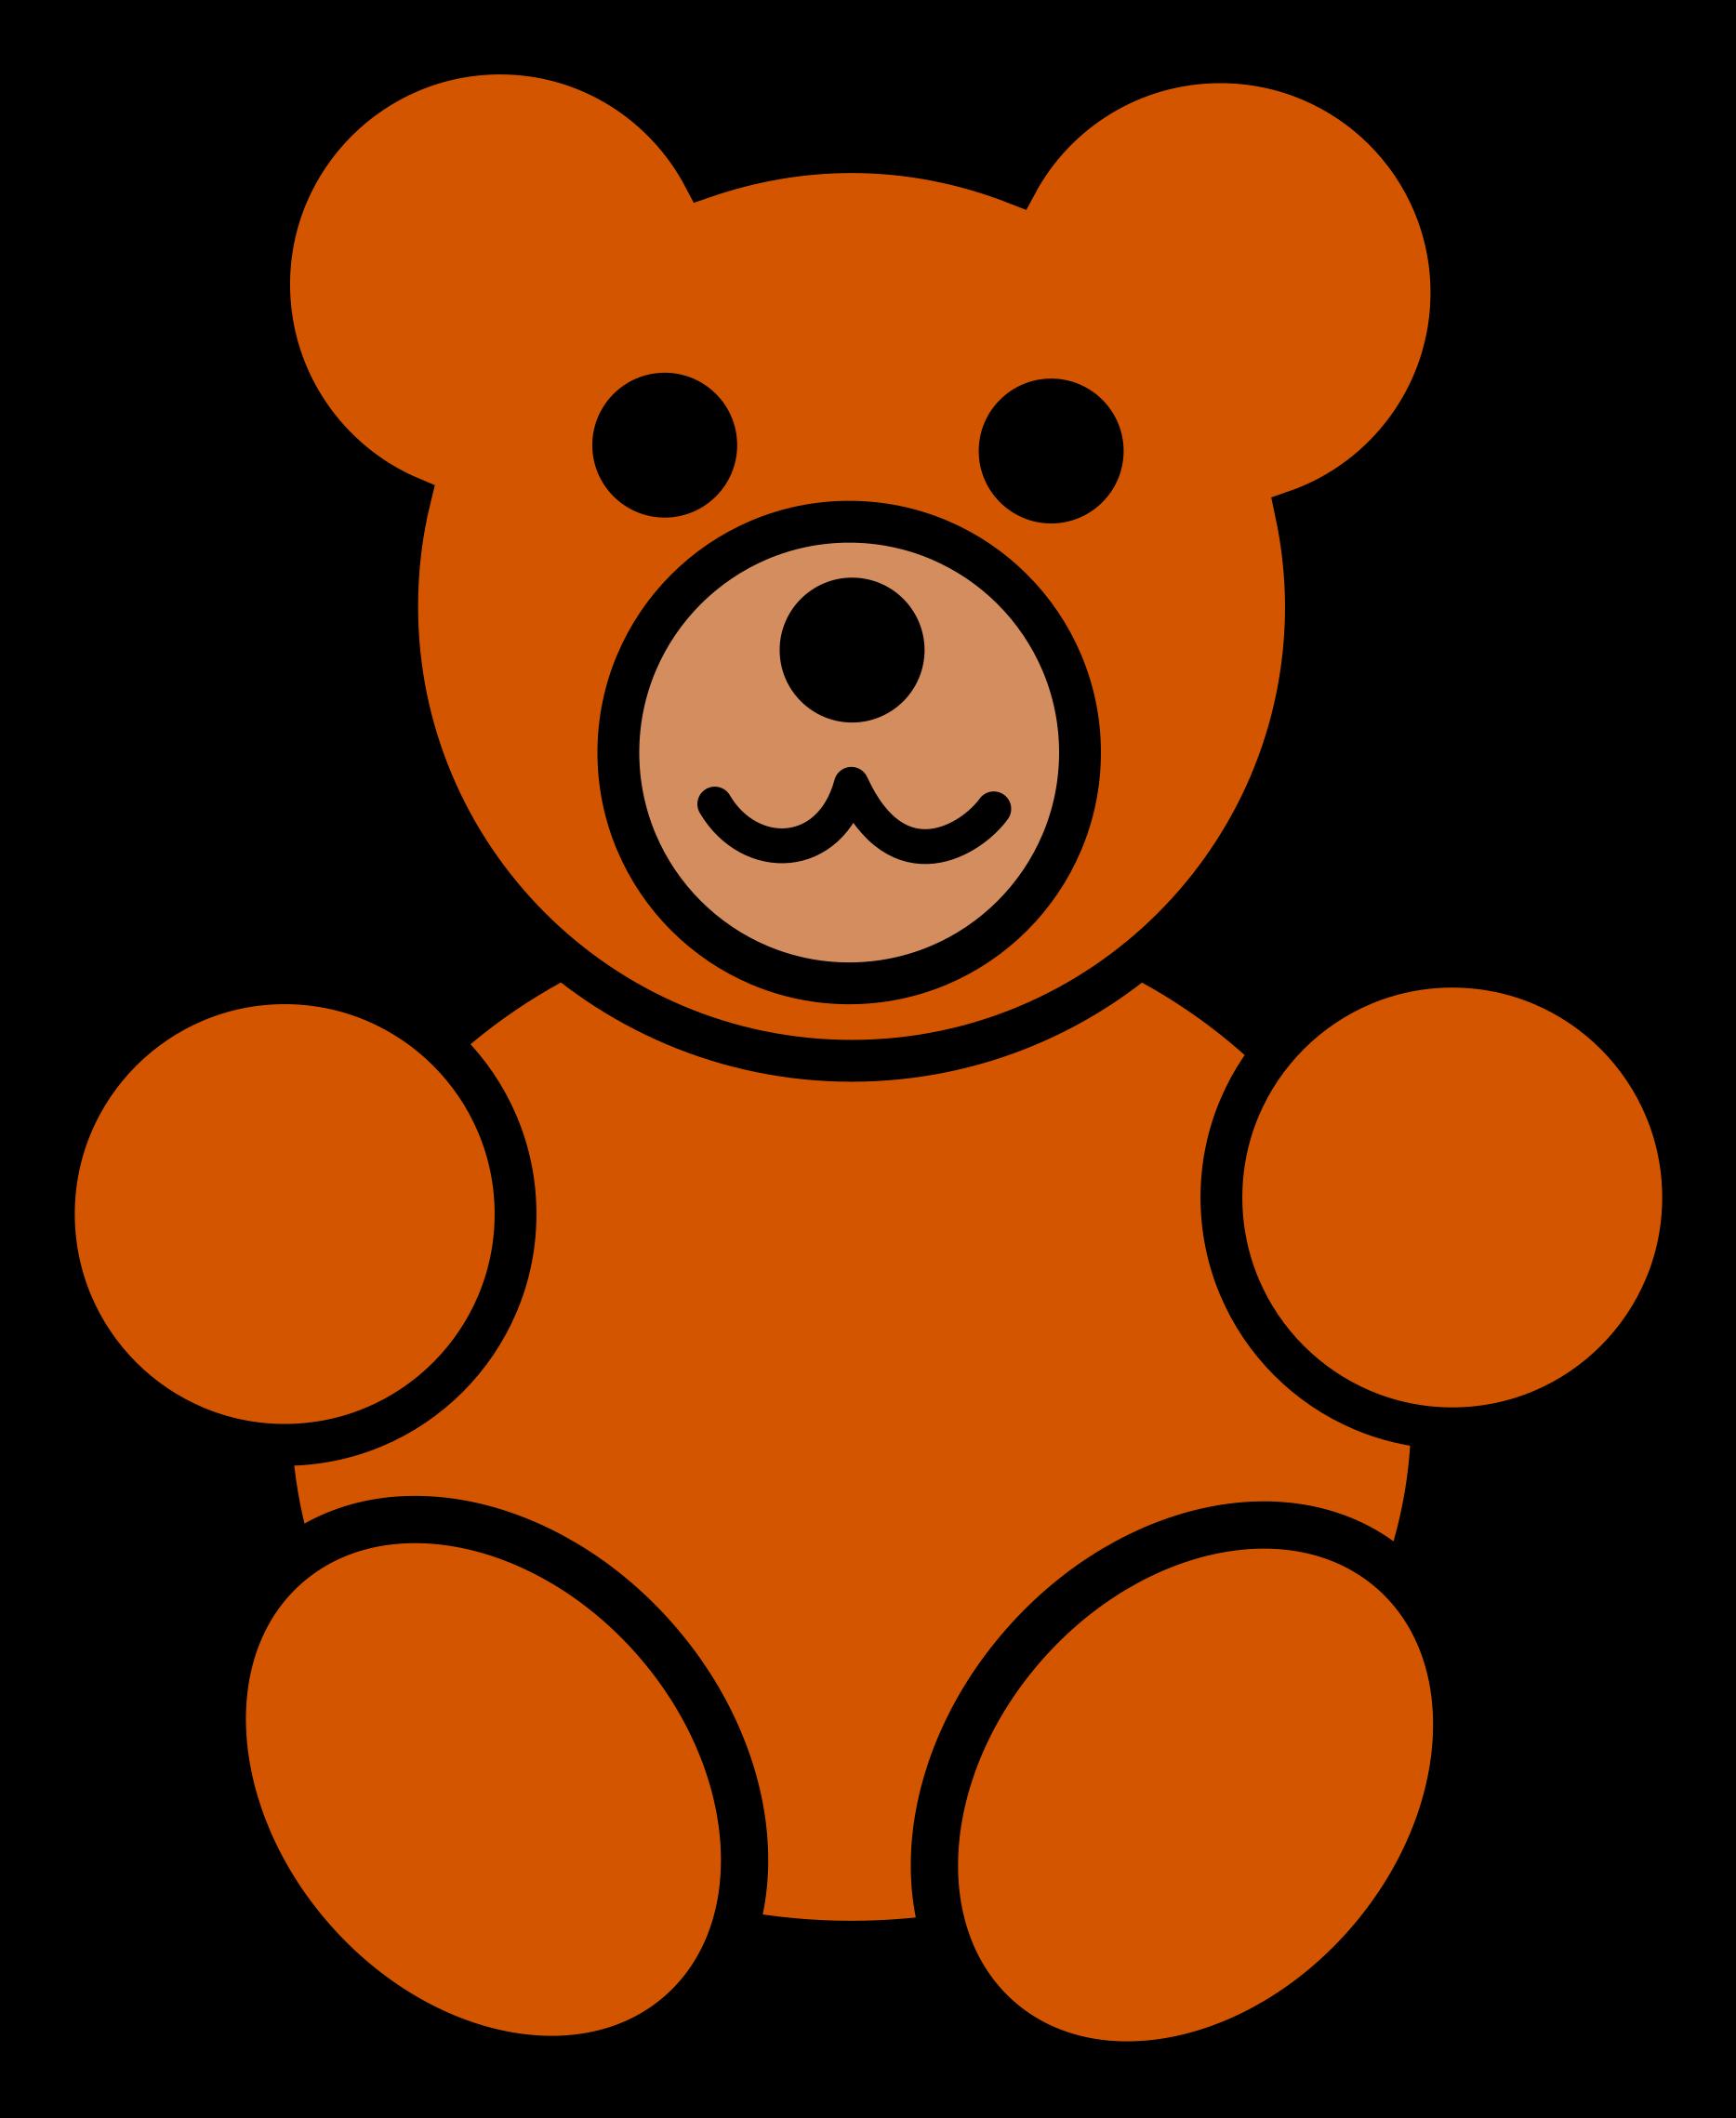 Bear clipart easy. Teddy free images cartoon